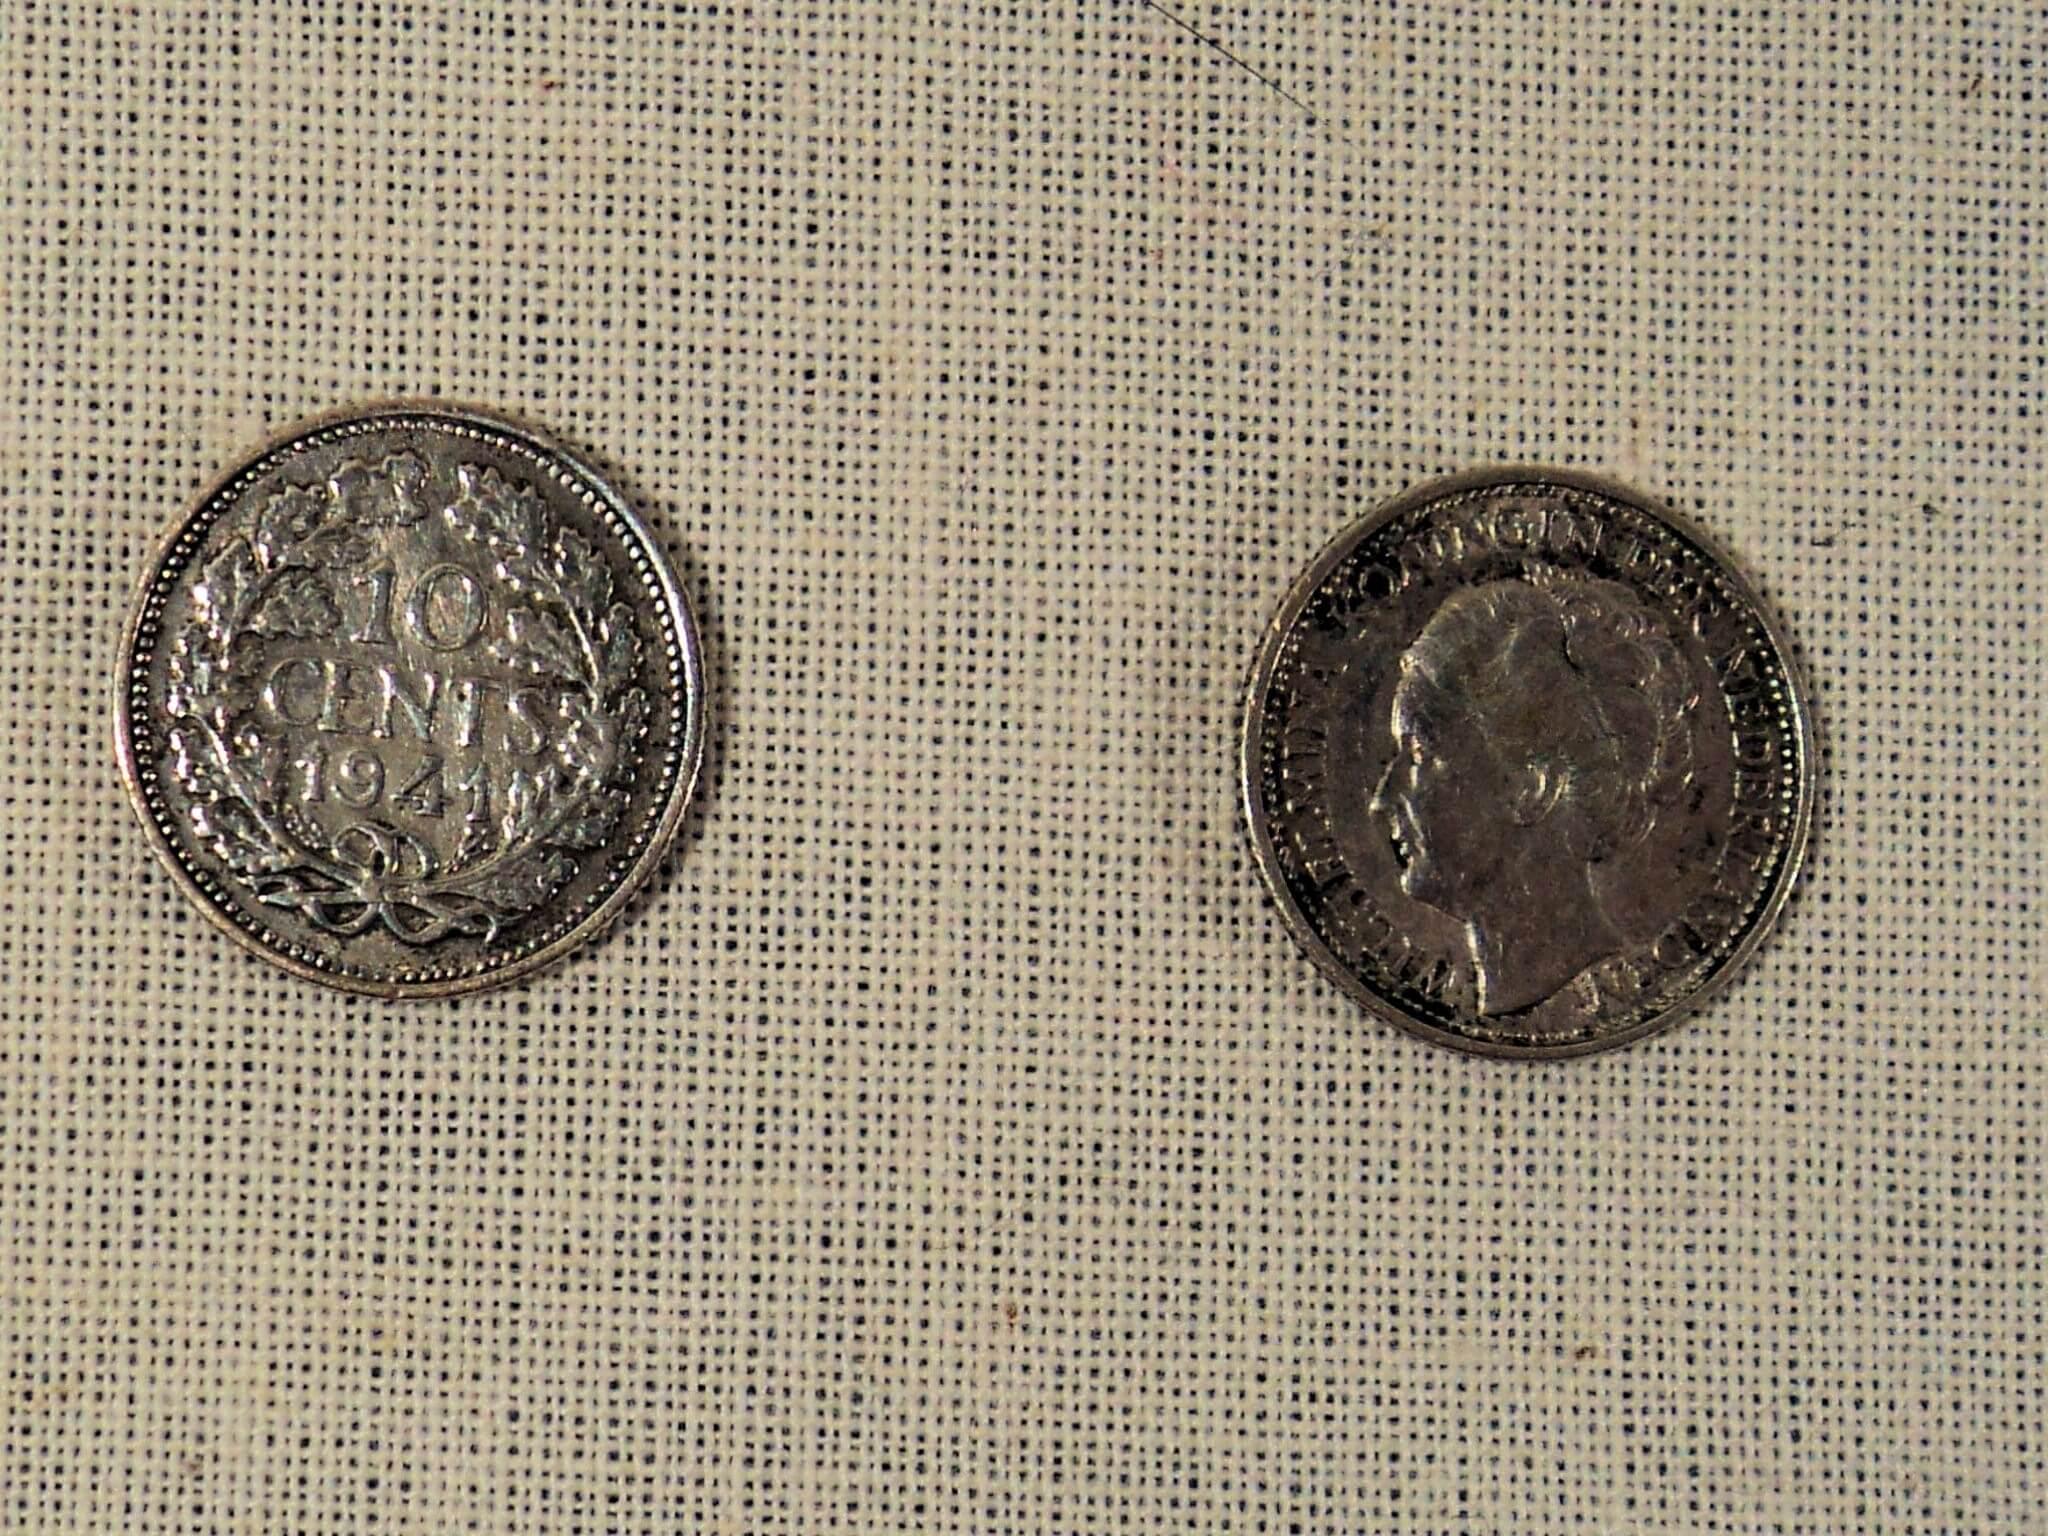 zilveren oorlogs munten uit de tweede wereldoorlog 10 cent 1941